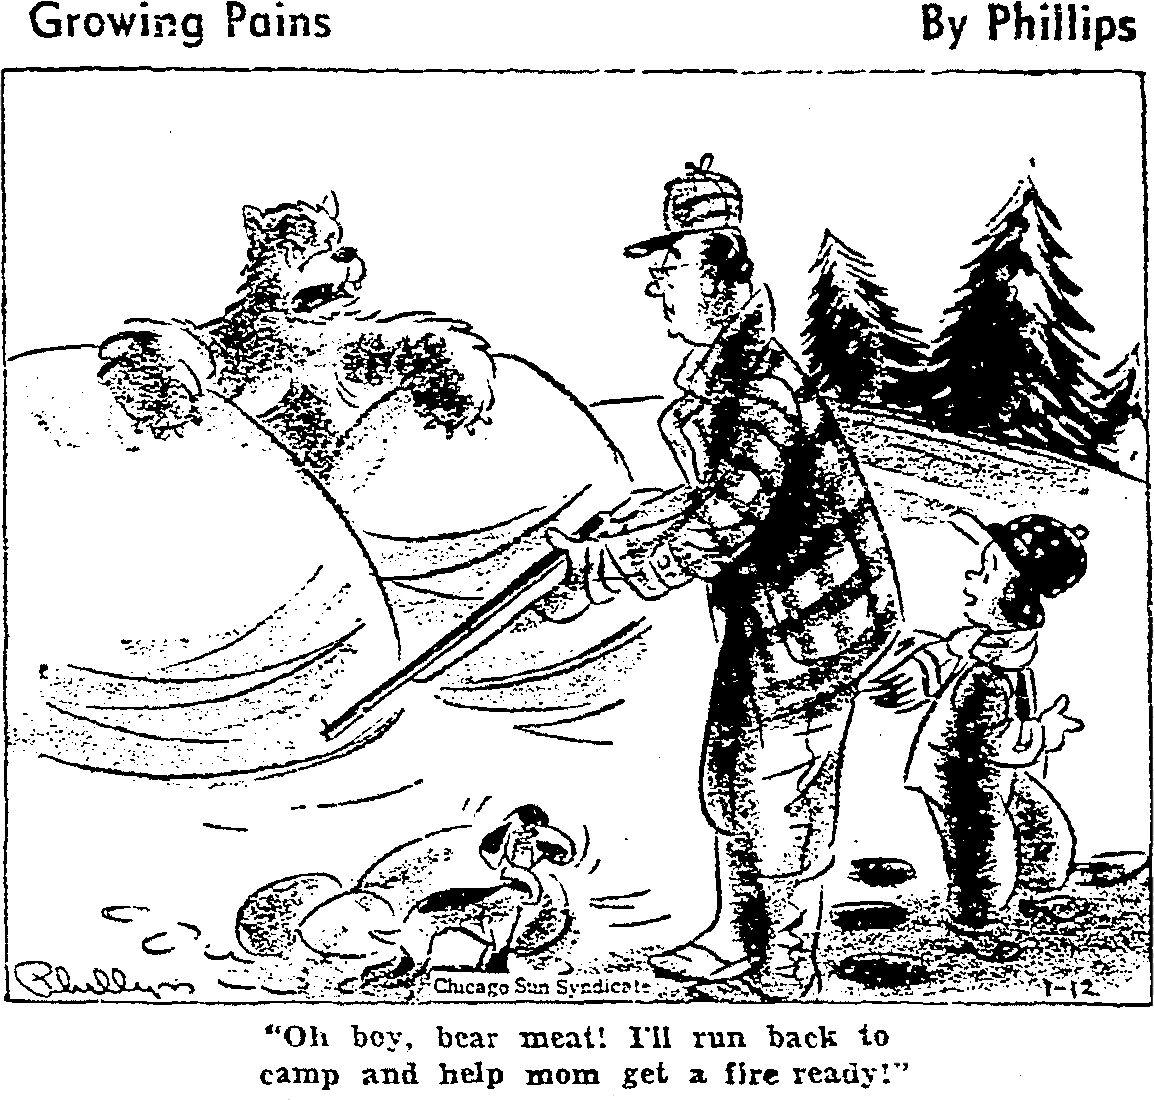 FB 01 12 1943 Growing Pains Cartoon.jpg